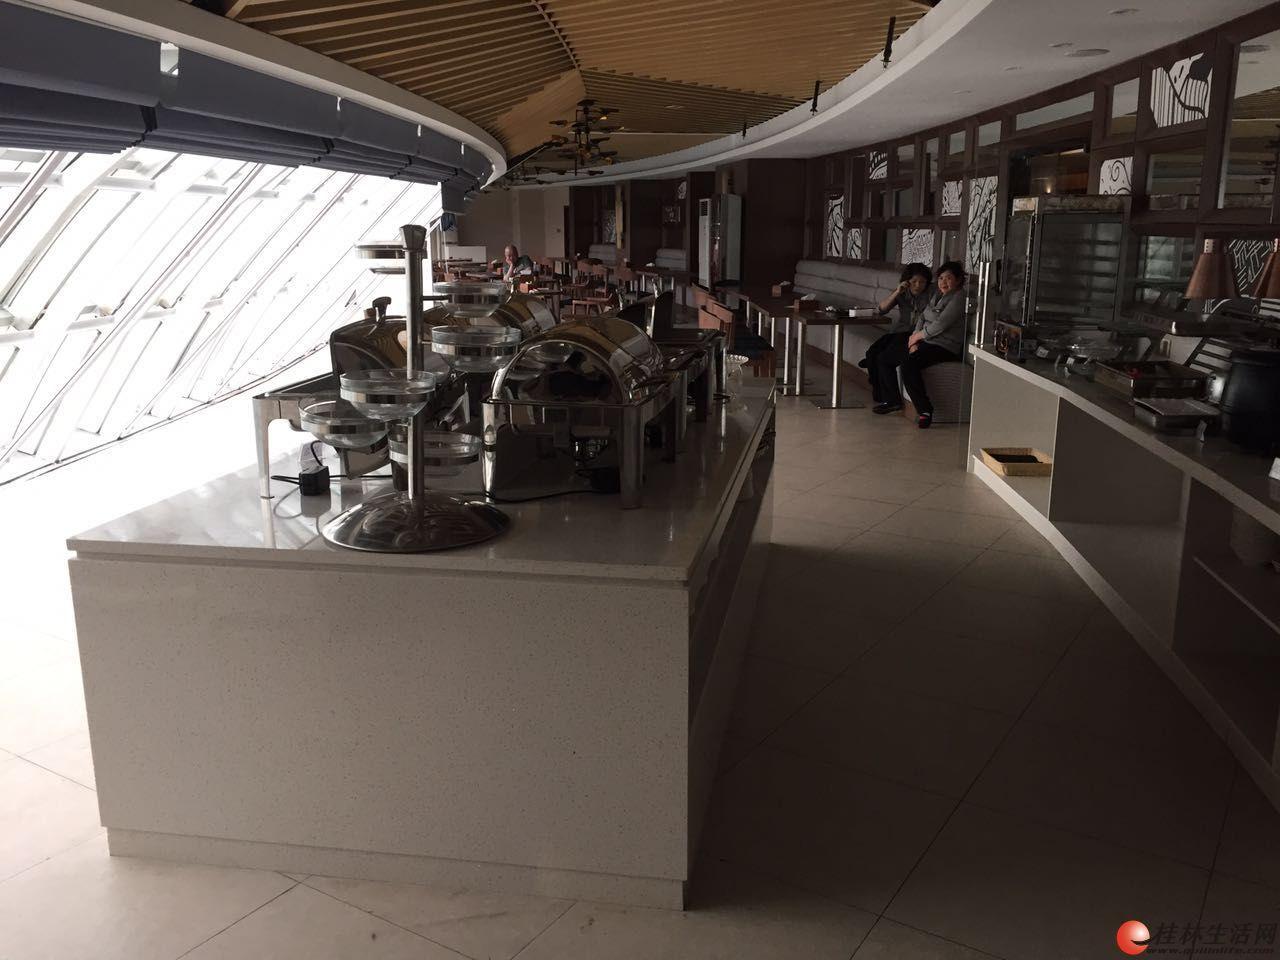 市中心柏曼酒店(原金浦大酒店)文化大厦11楼,整体出租即租即用8000每月